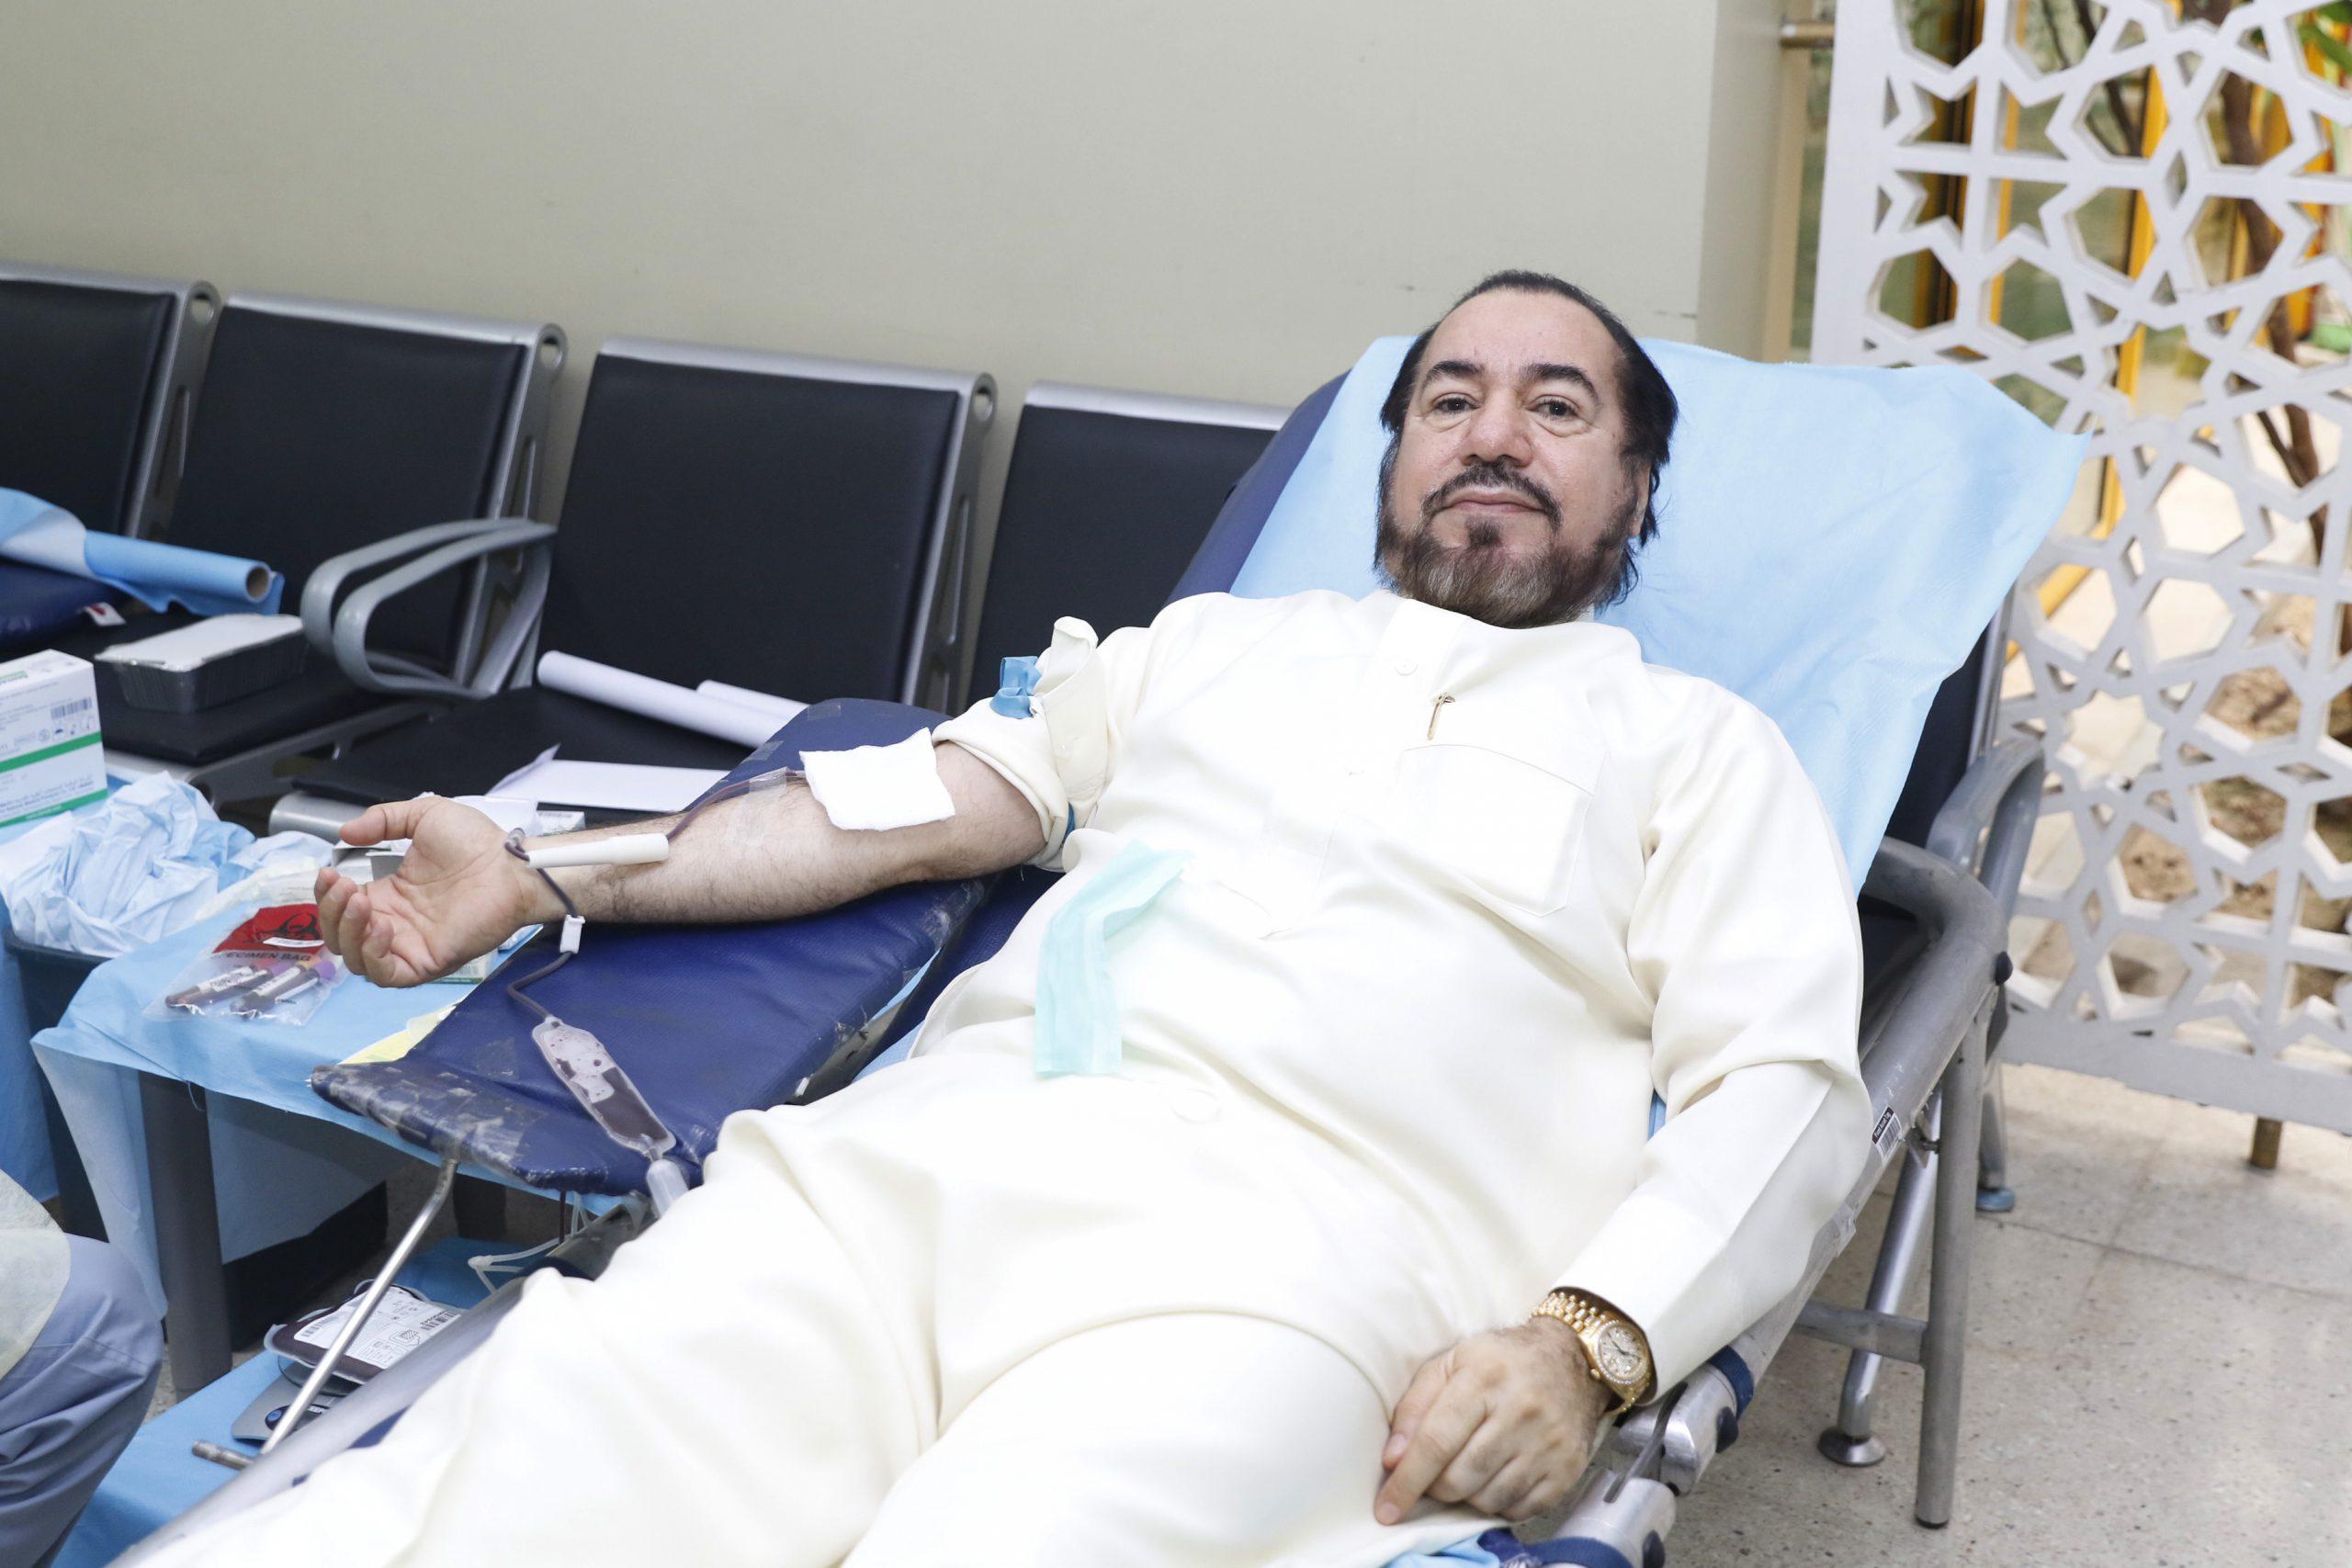 السيهاتي والباشا وأبو سرير يدعمون الدانة في يوم الإحسان والمتبرعون يقدمون ١٠٠ كيس دم